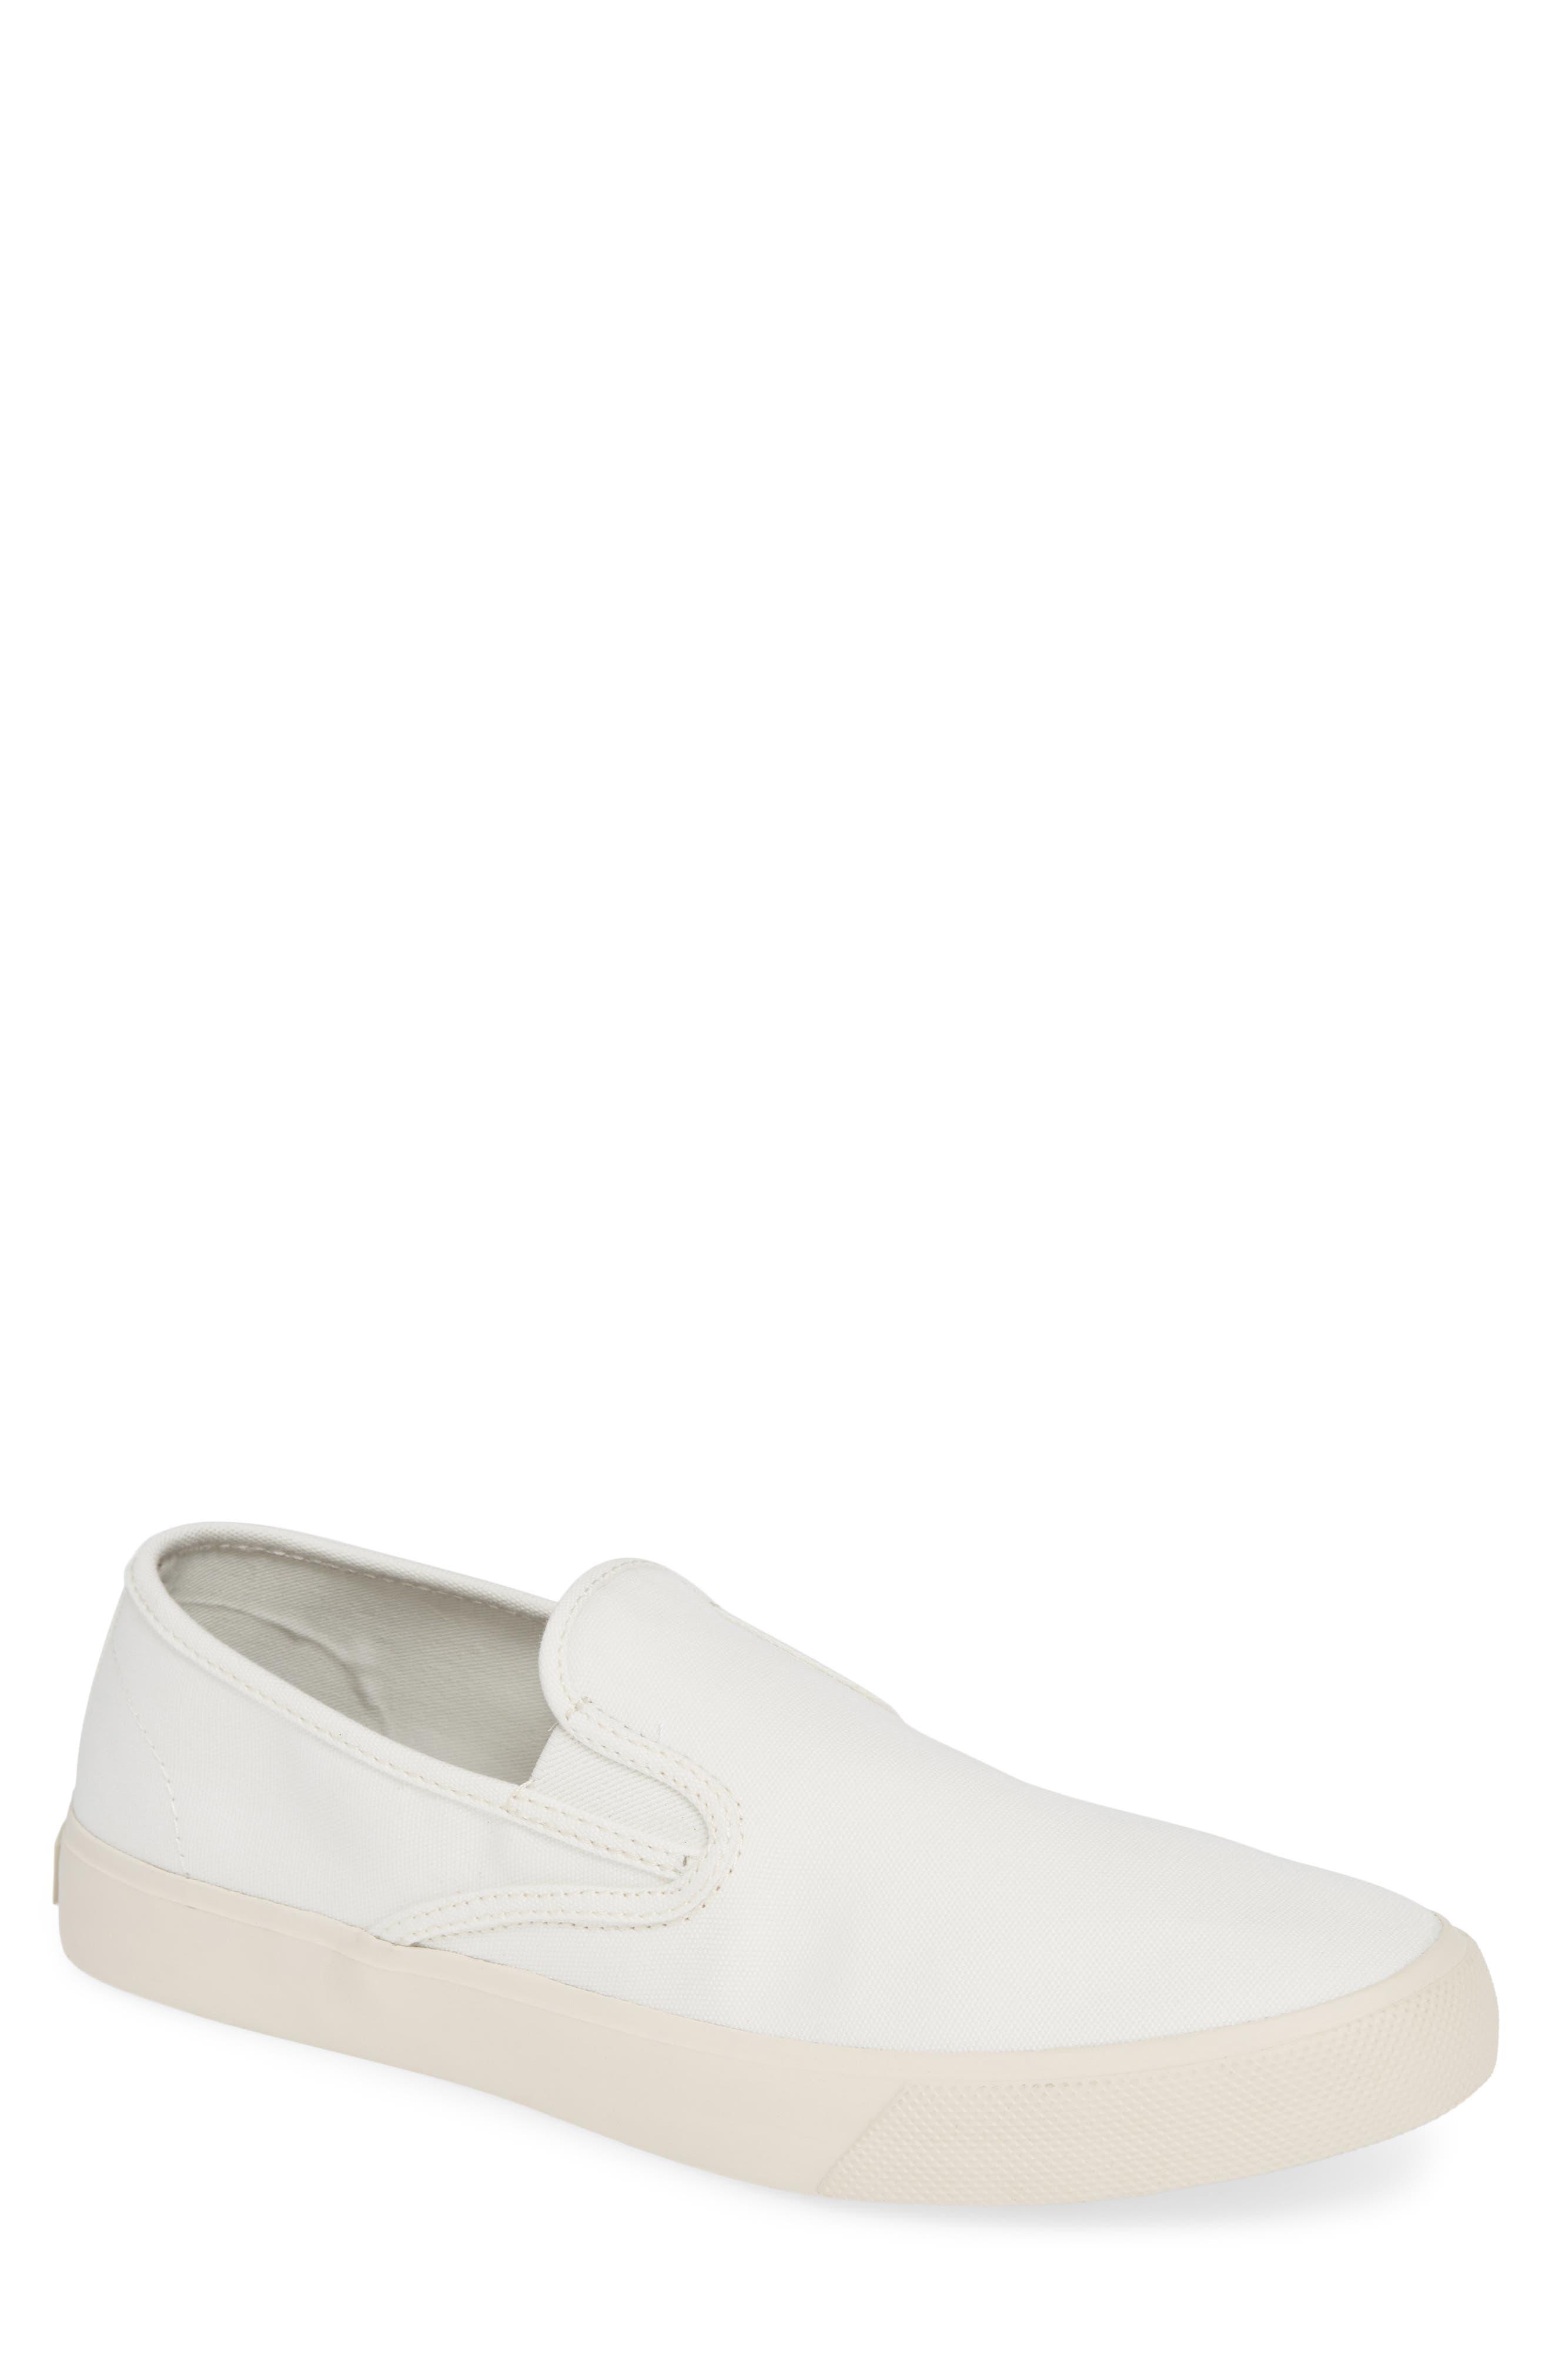 Striper II Slip-On Sneaker,                             Main thumbnail 1, color,                             WHITE